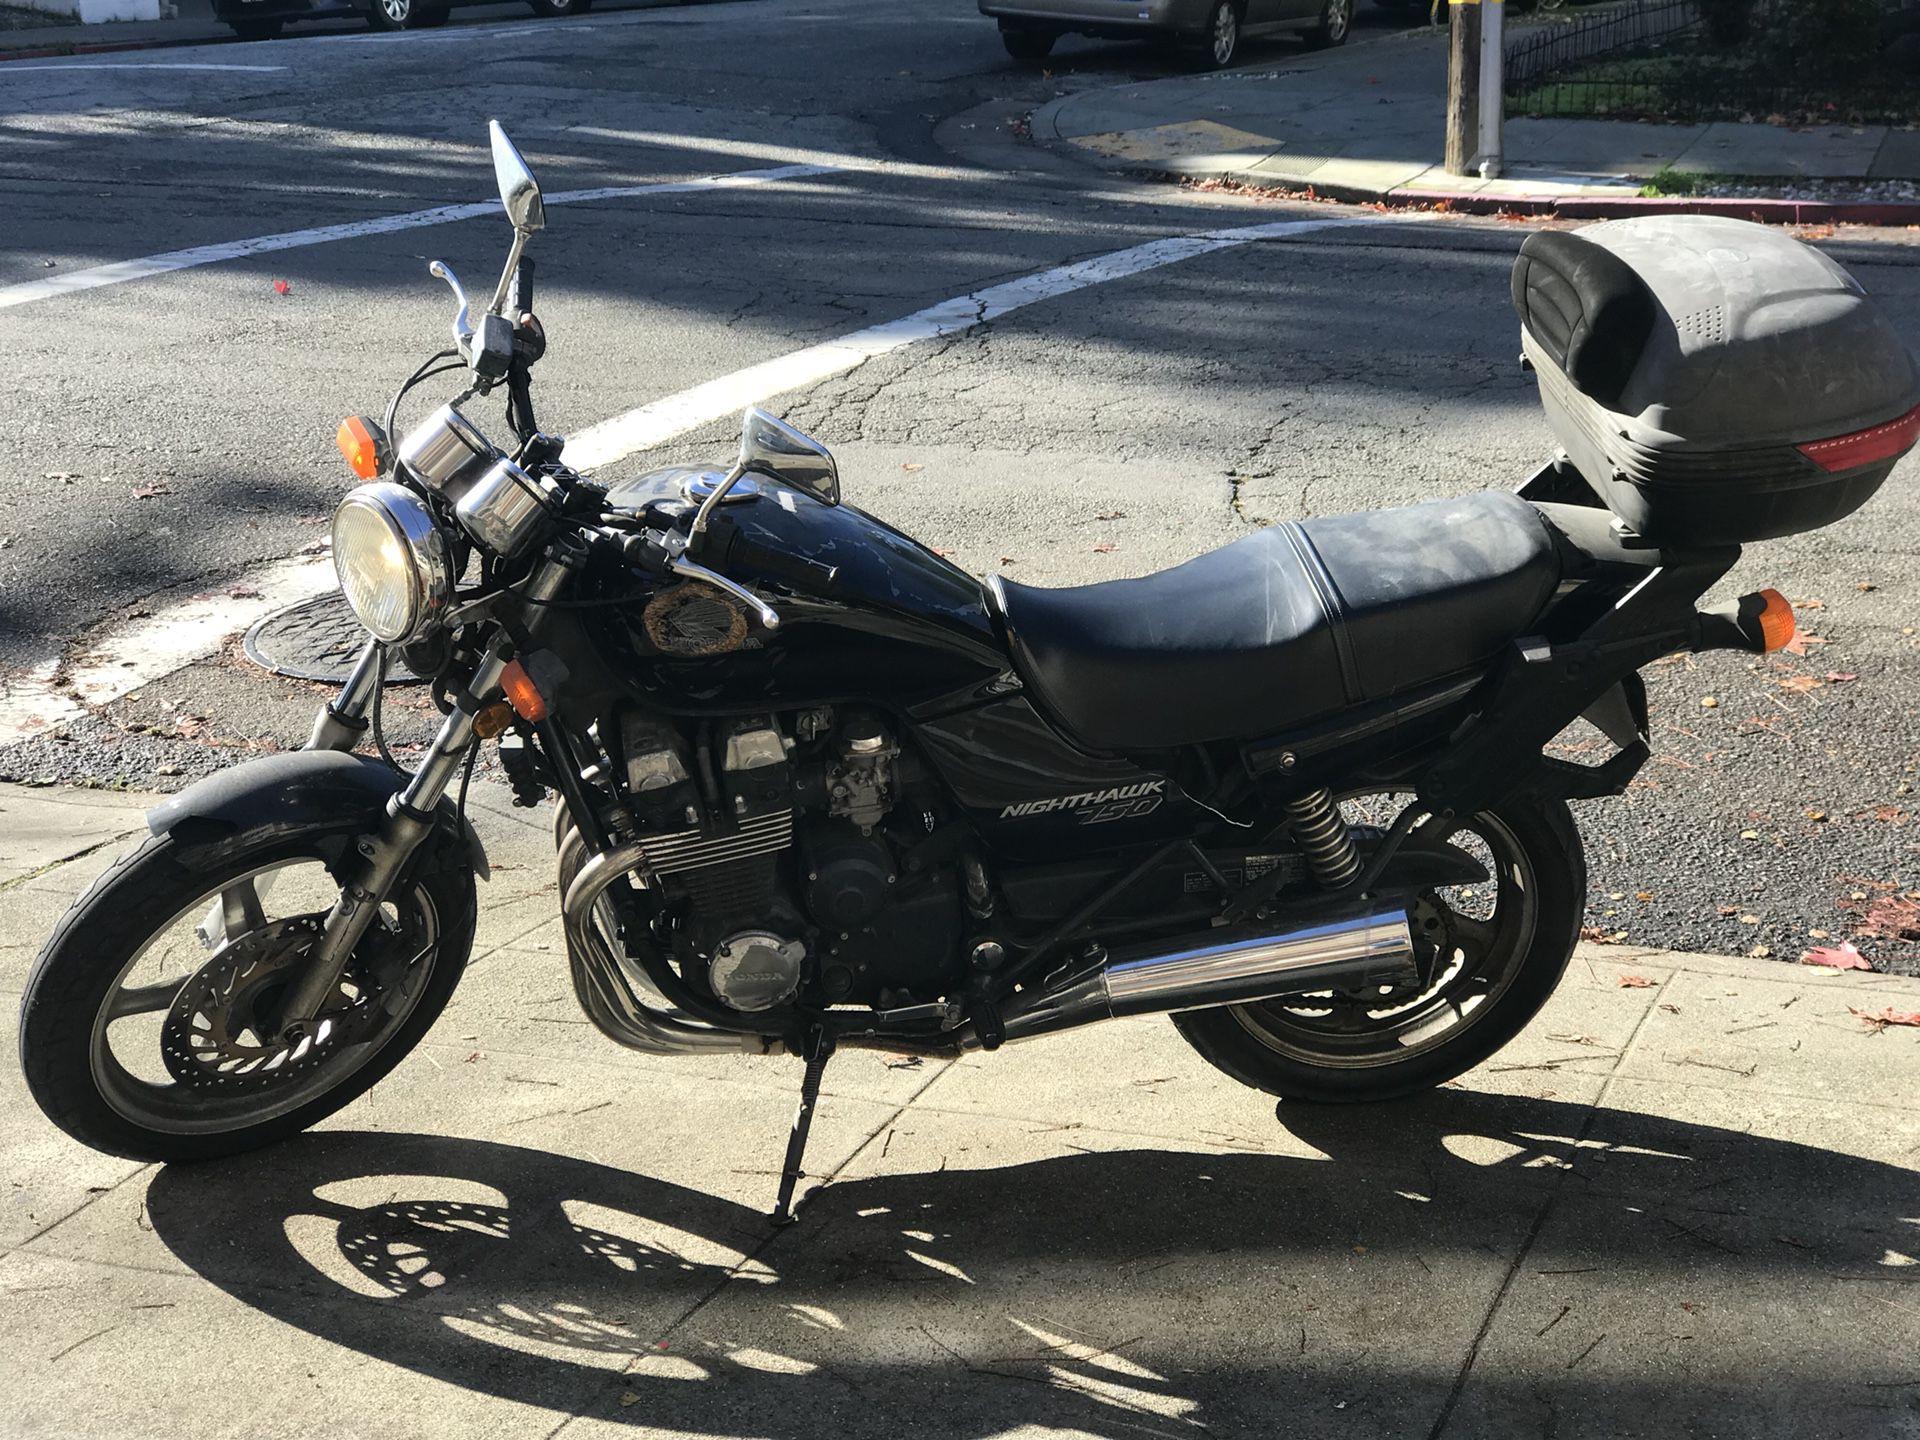 2002 Honda CB750 Nighthawk